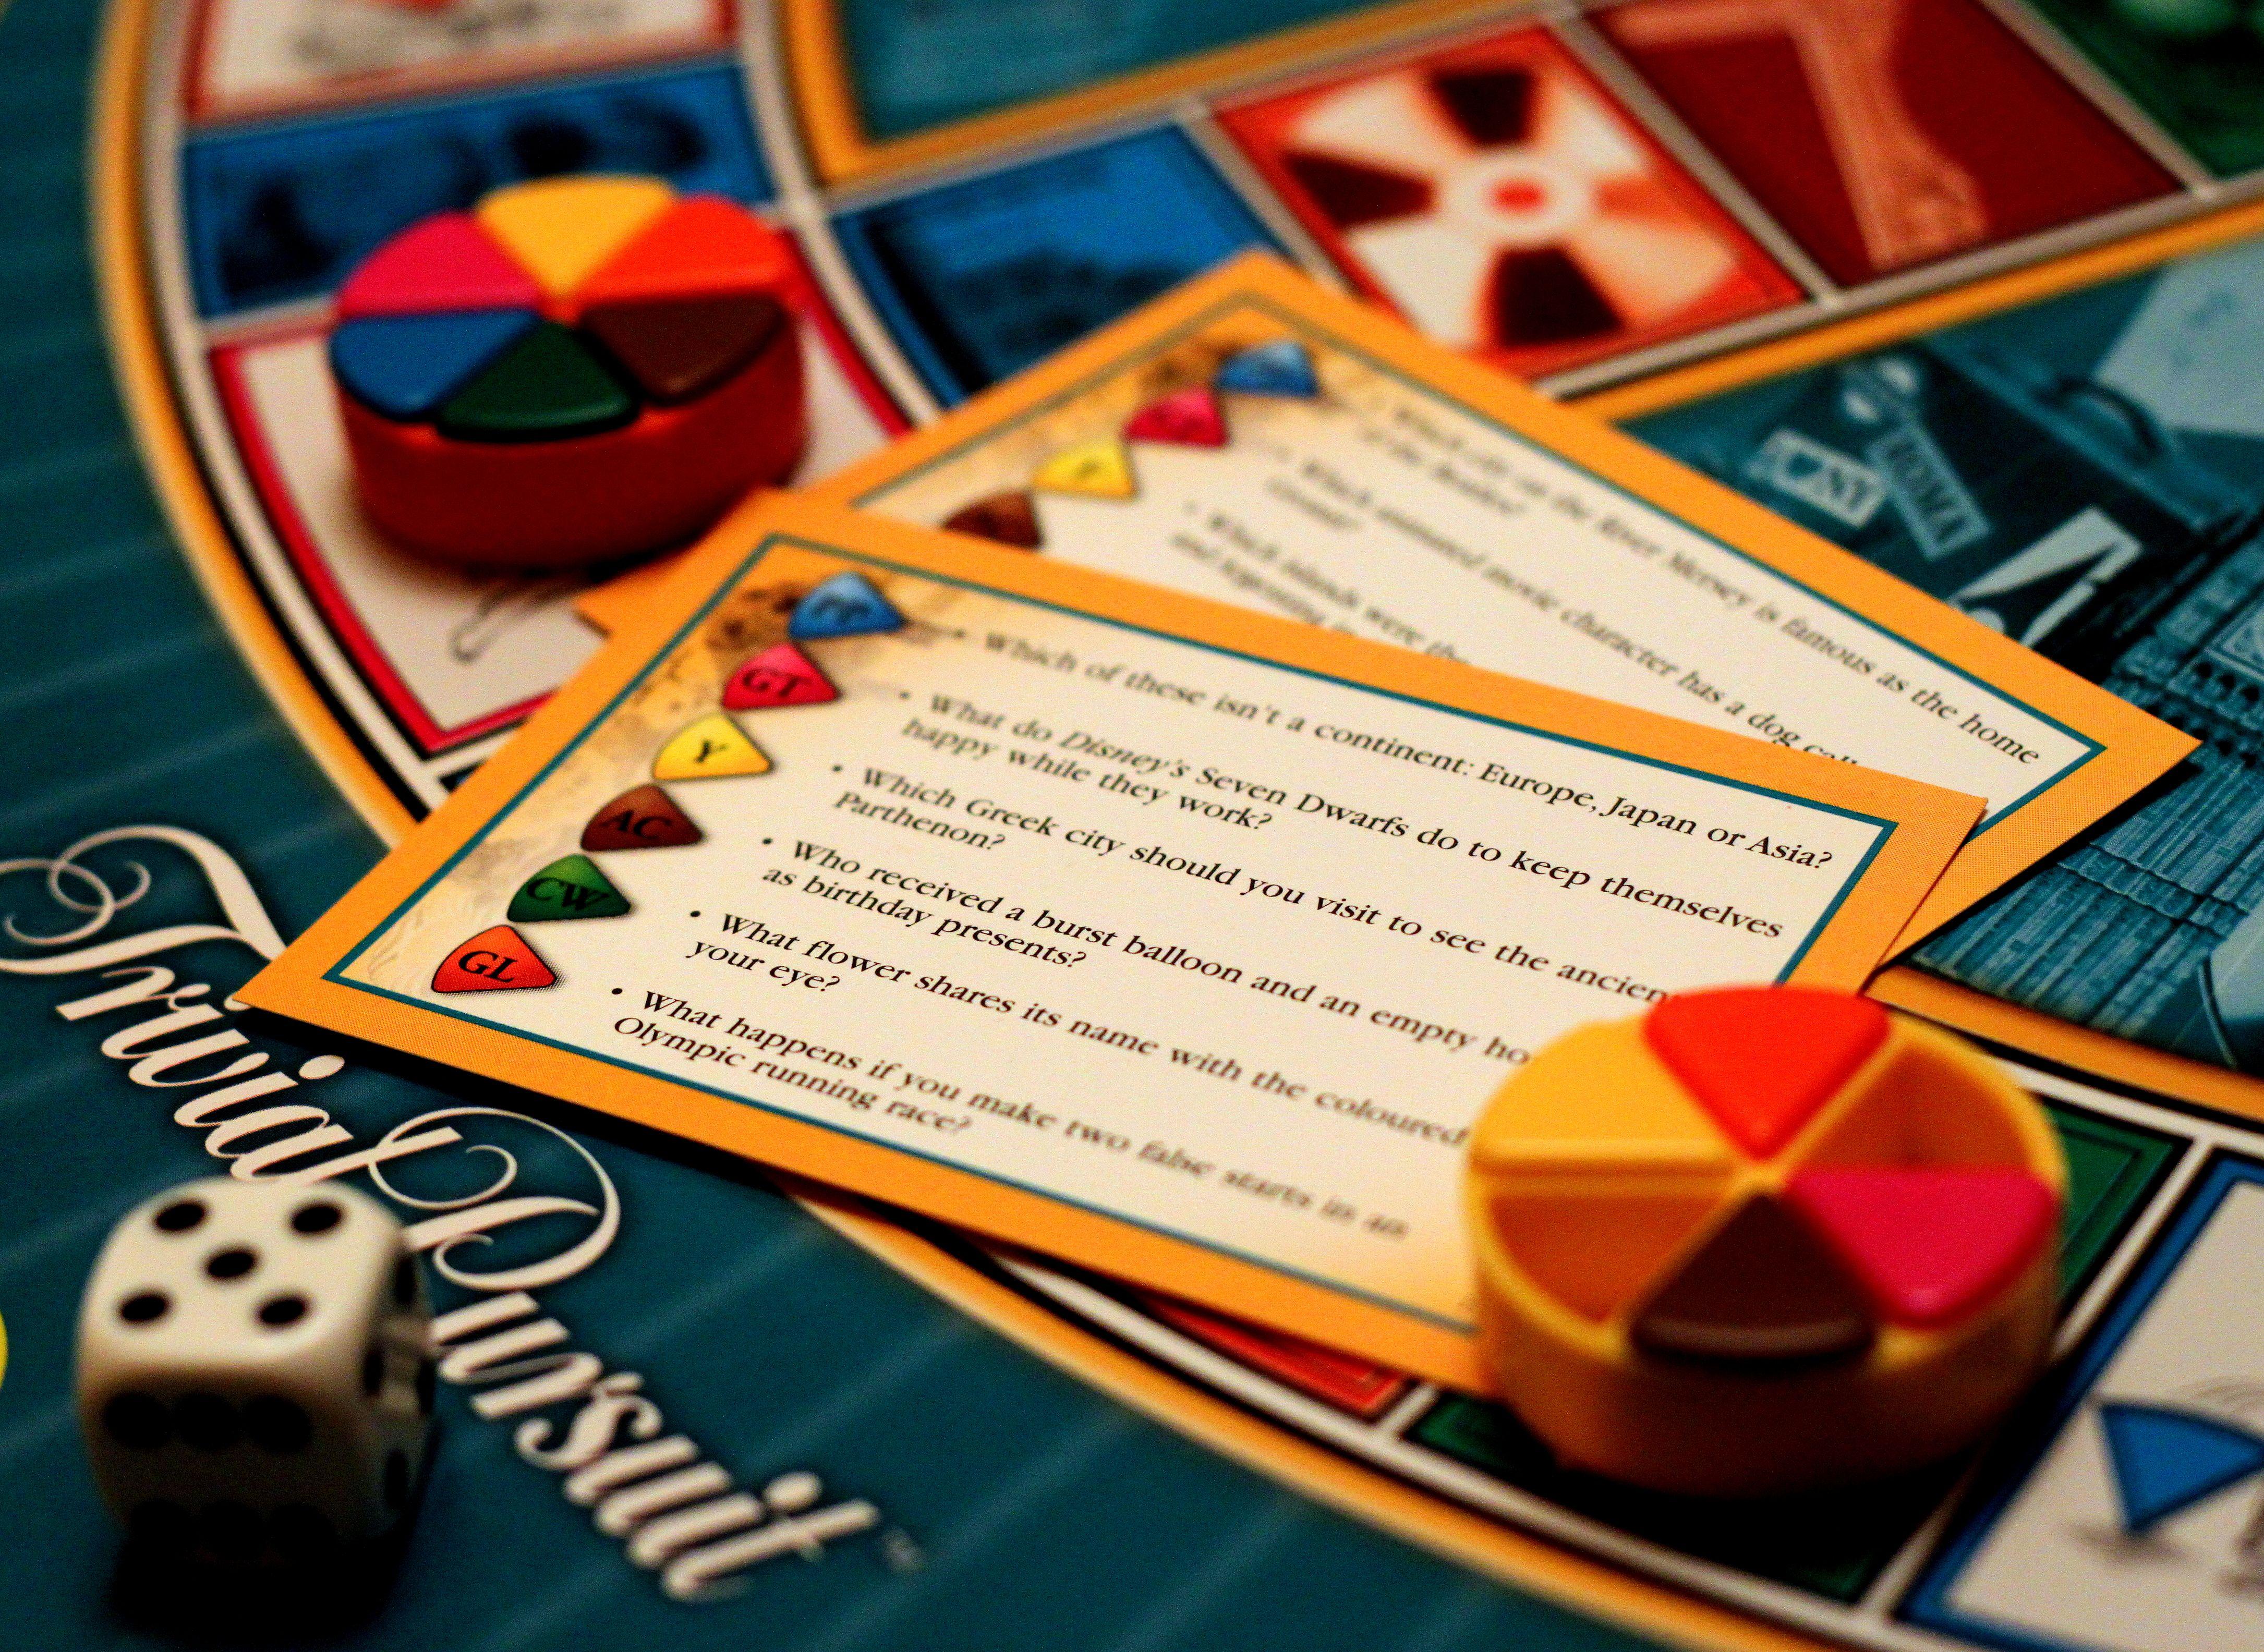 ES a 49 ES vykladať tak, že vylučujú vnútroštátny monopol na určité hazardné hry, Vznik bielej verzie možno datovať presne: do roku 1879, keď bol tento.